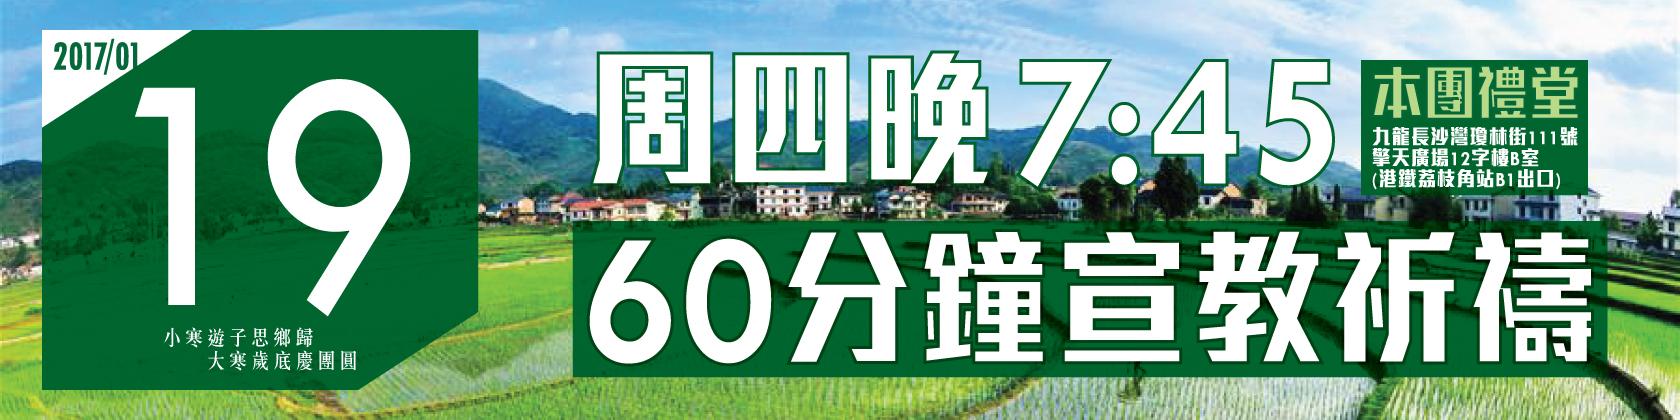 2017祈禱會-web-banner-V2-01